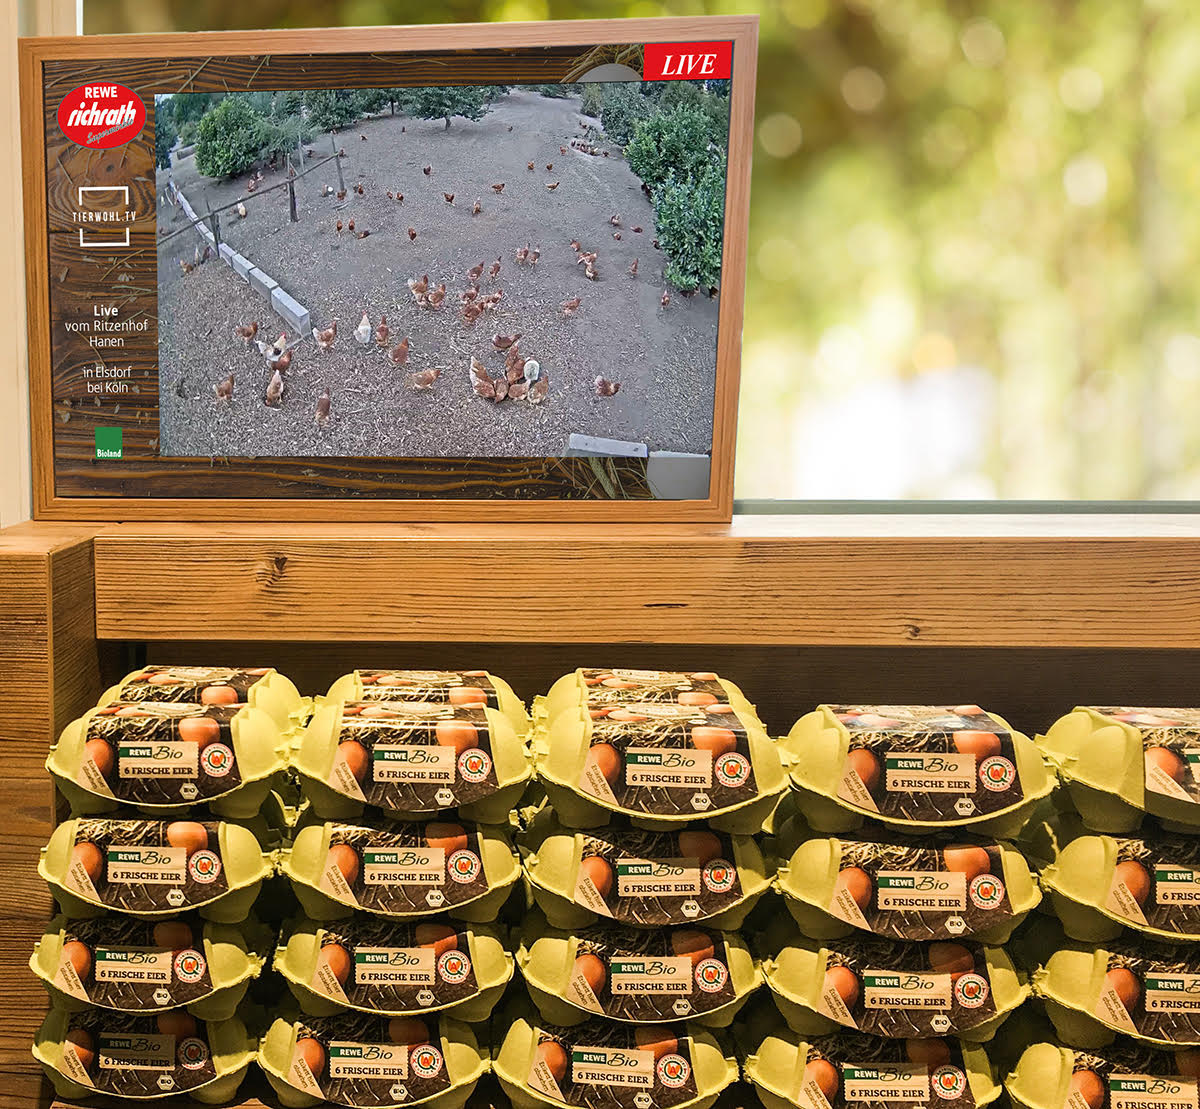 Transparenz in Bildern: Live-Aufnahmen aus dem Hühnerstall (Foto: REWE Richrath)